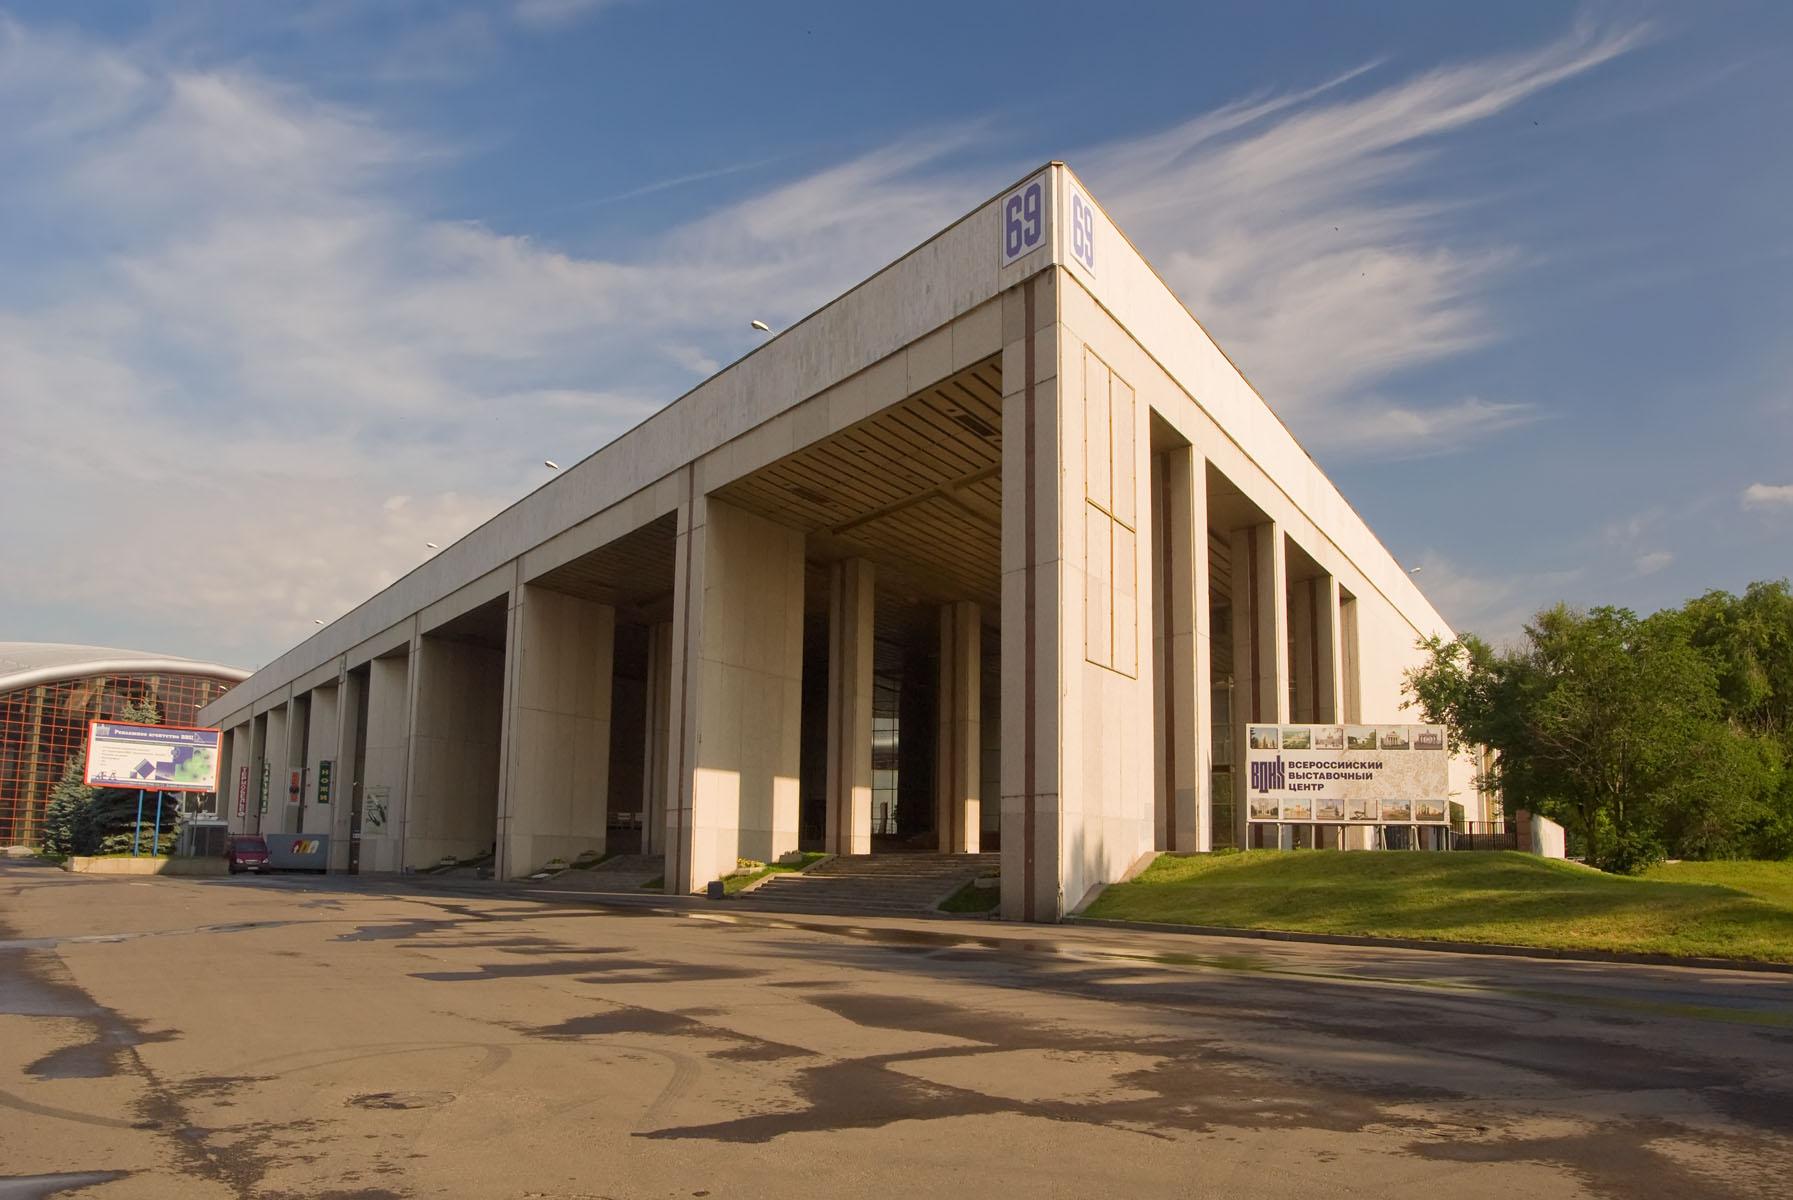 El Pabellón 69 del Centro de Exposiciones VDhN de Moscñu, acogerá la próxima edición de Tanexpo World Russia